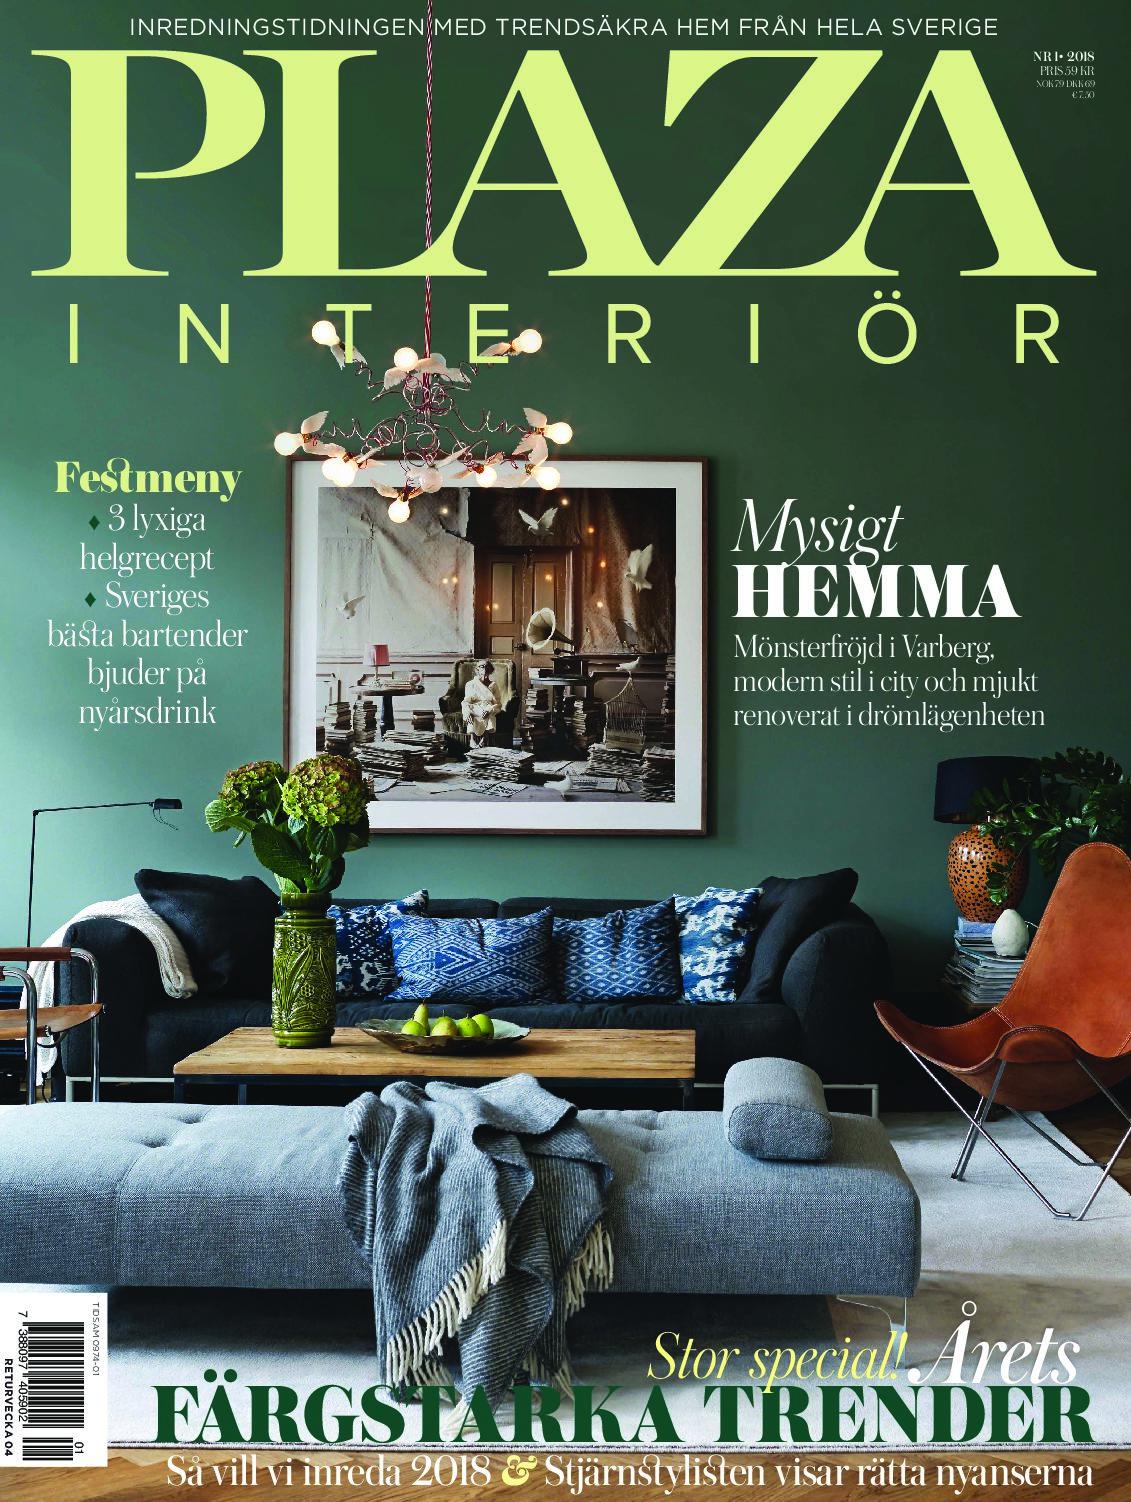 Plaza interiör 2018